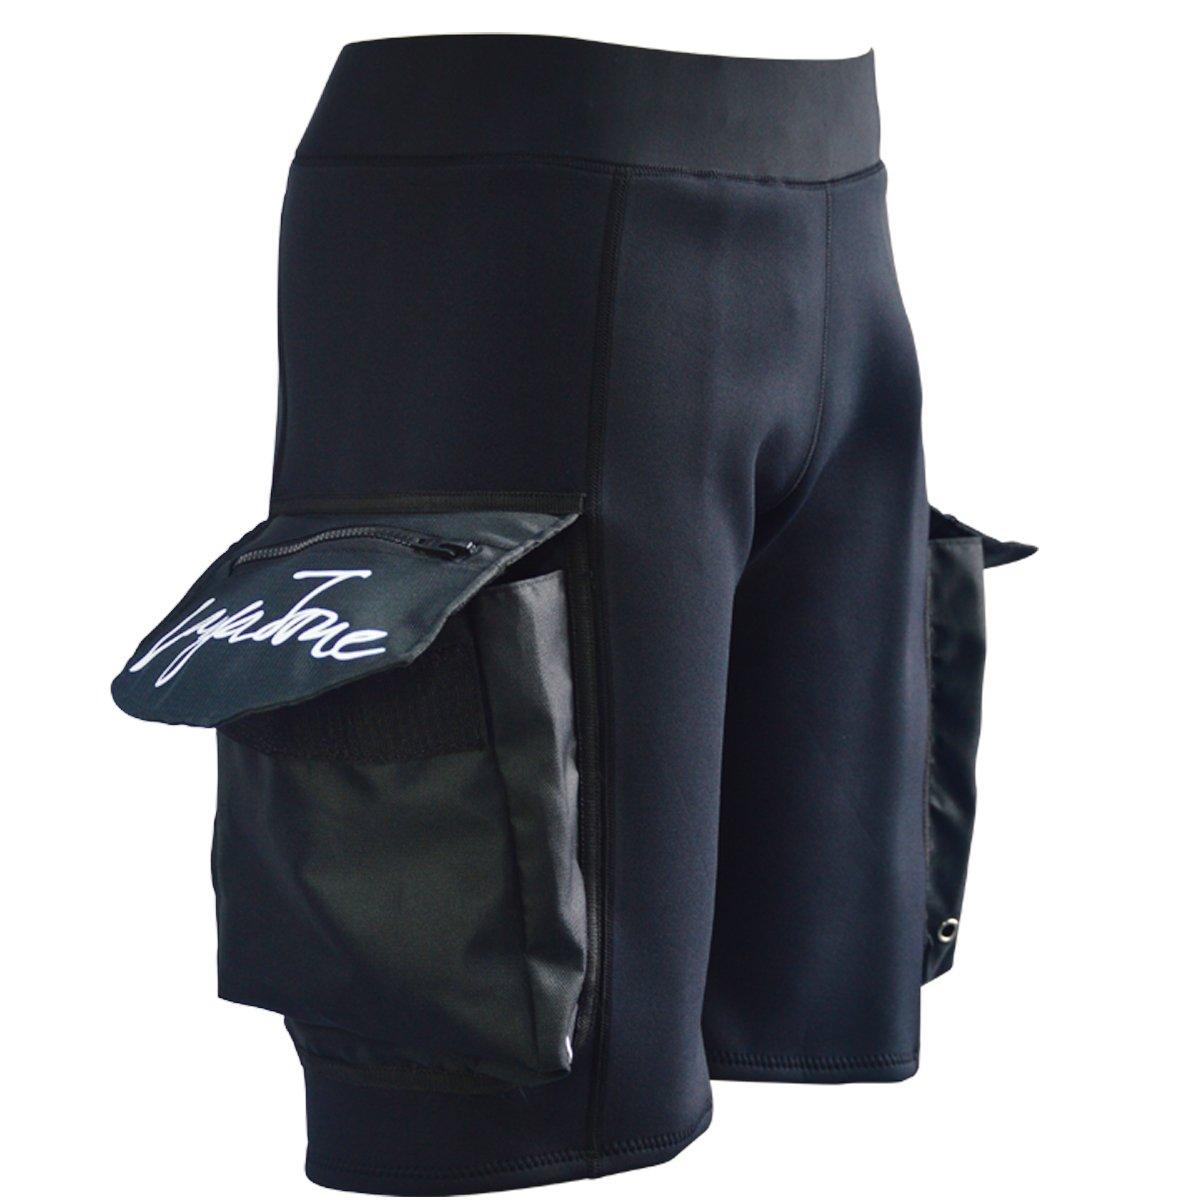 LayaTone Pantaloncini Muta Uomo Neoprene 3mm Pantaloni con Tasche per Immersioni subacquee Surfing Canoa Nuoto